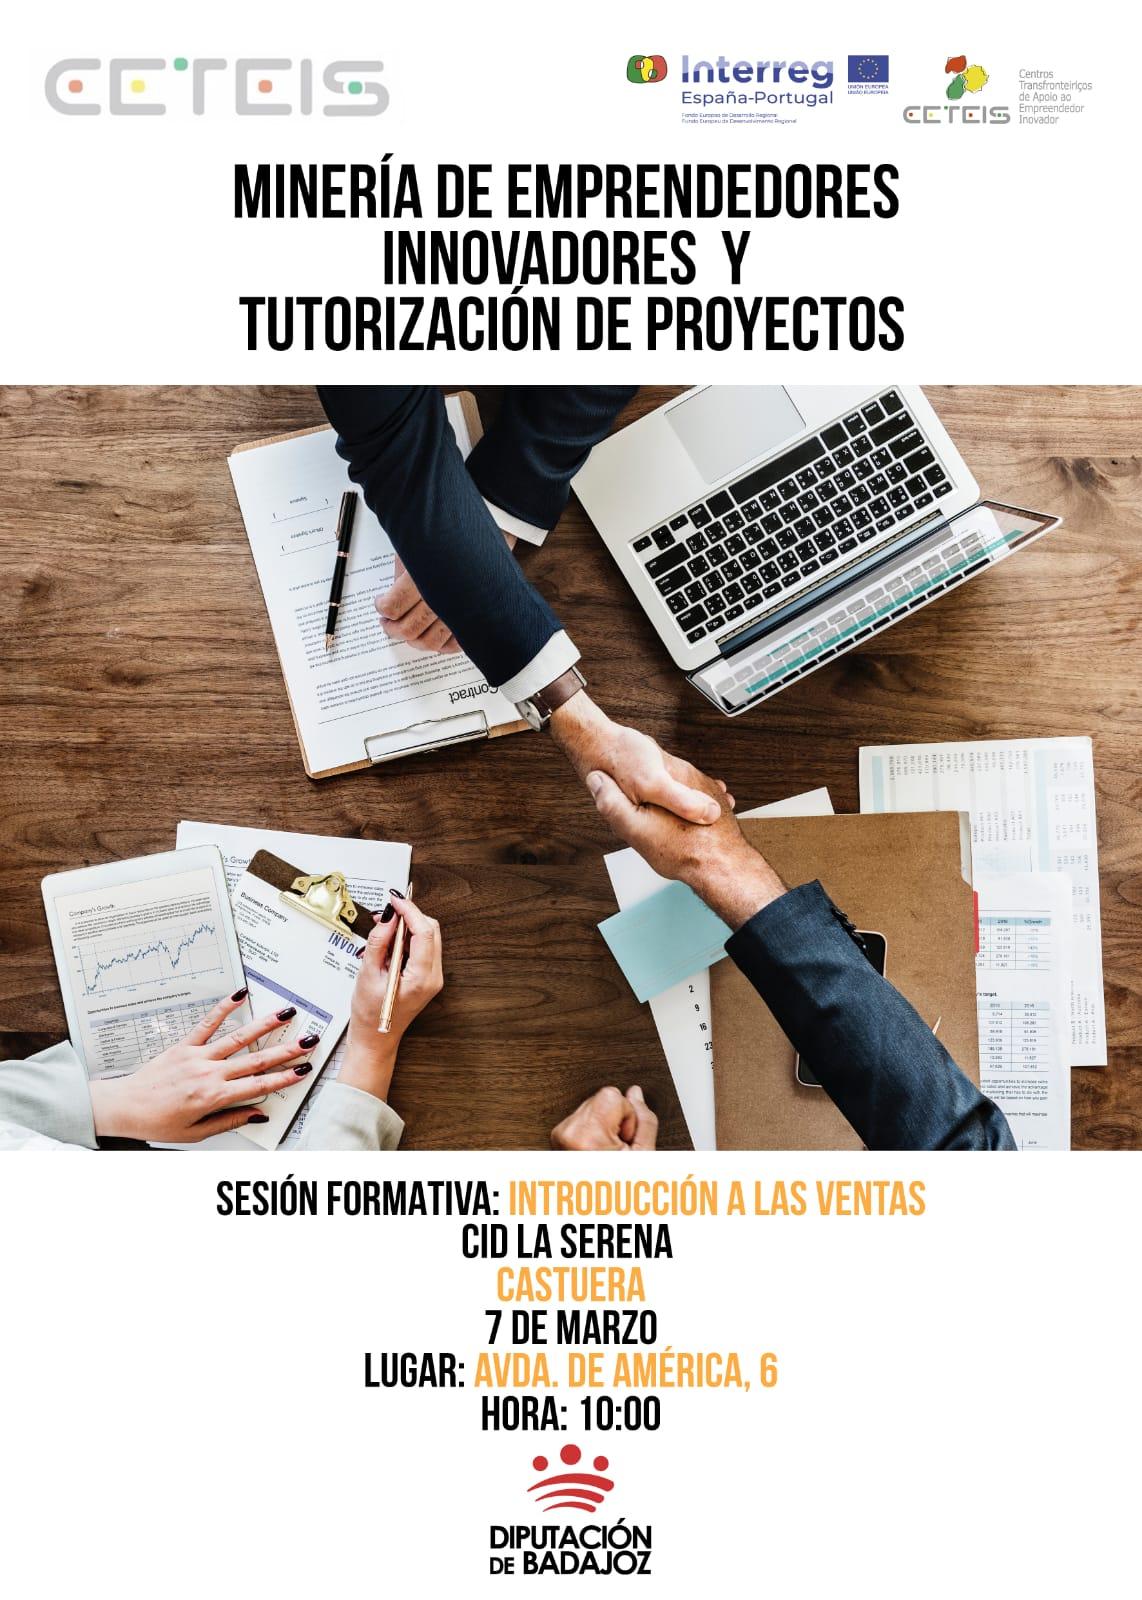 La Diputación de Badajoz organiza varios talleres formativos que se impartirán en el CID La Serena